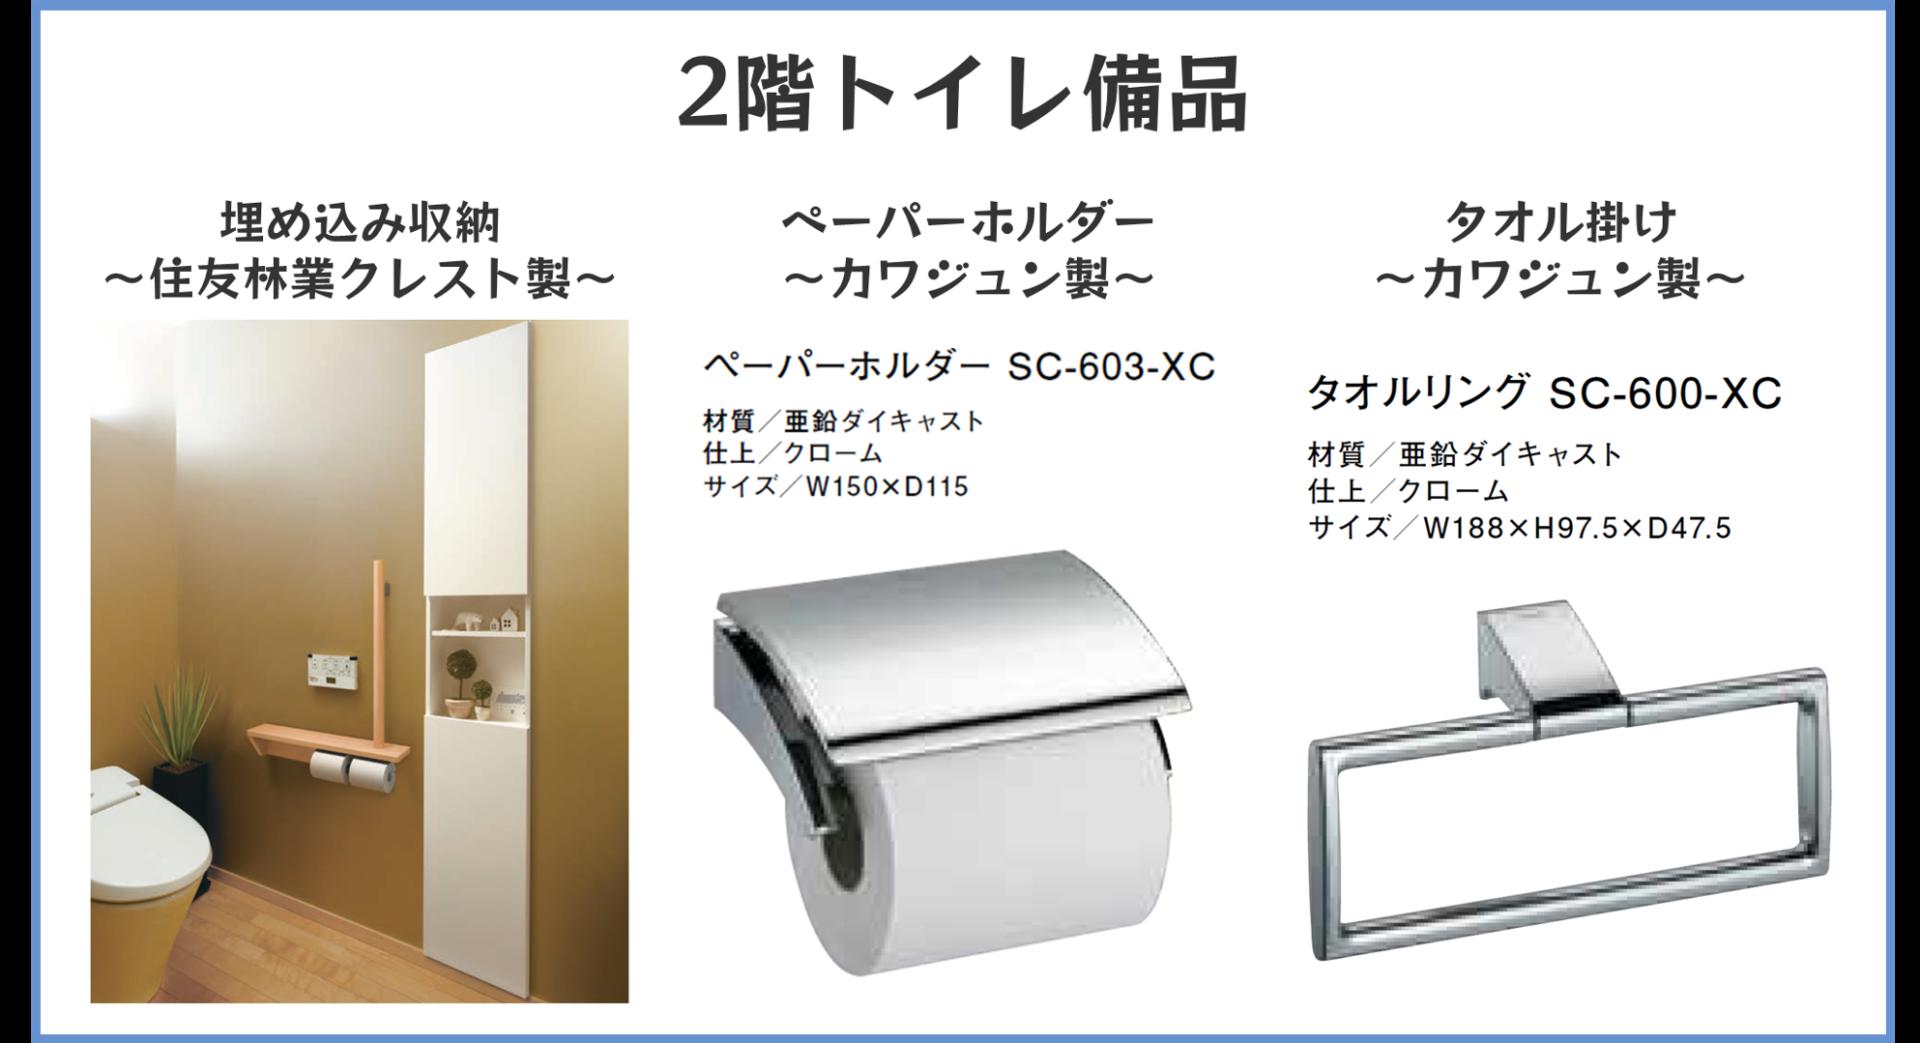 2階トイレ備品